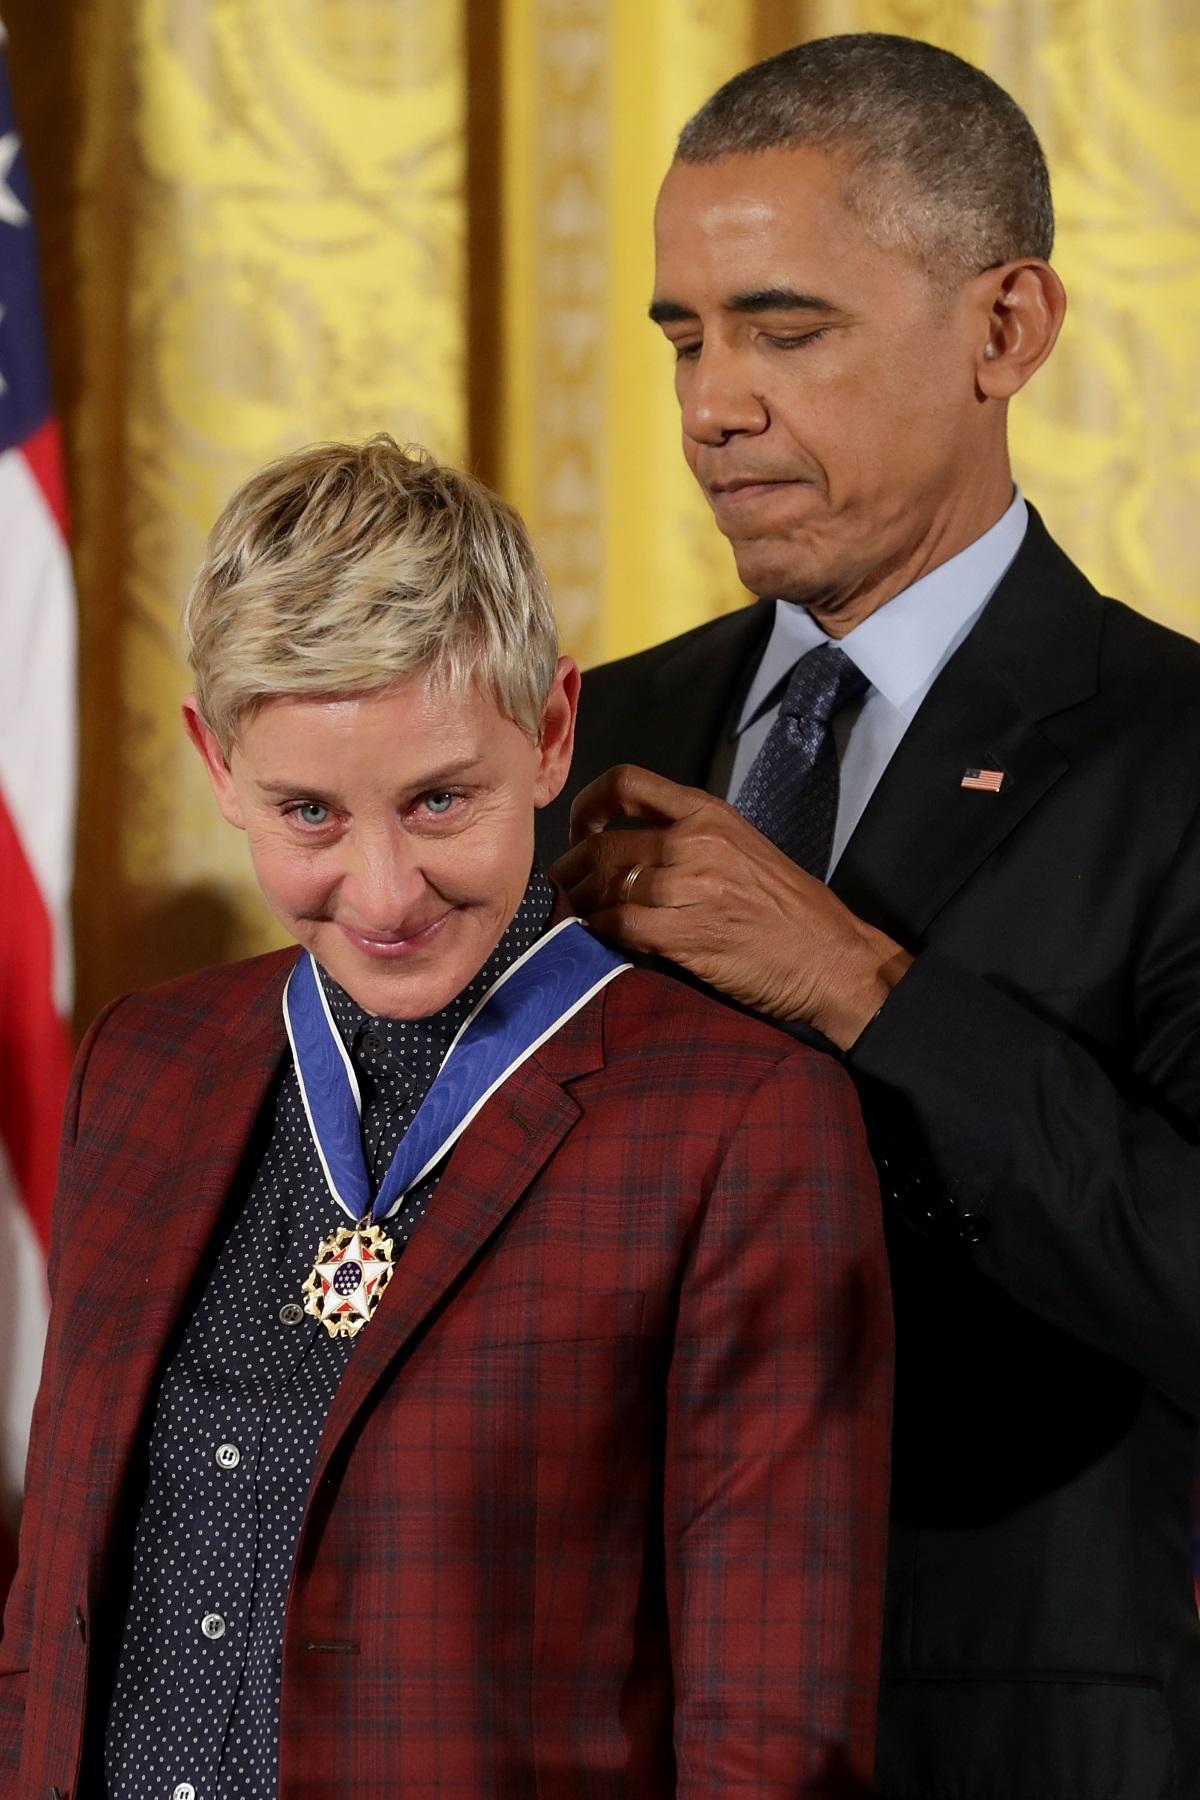 Барак Обама връчи Медал на свободата на водещата Елън ДеДженерис